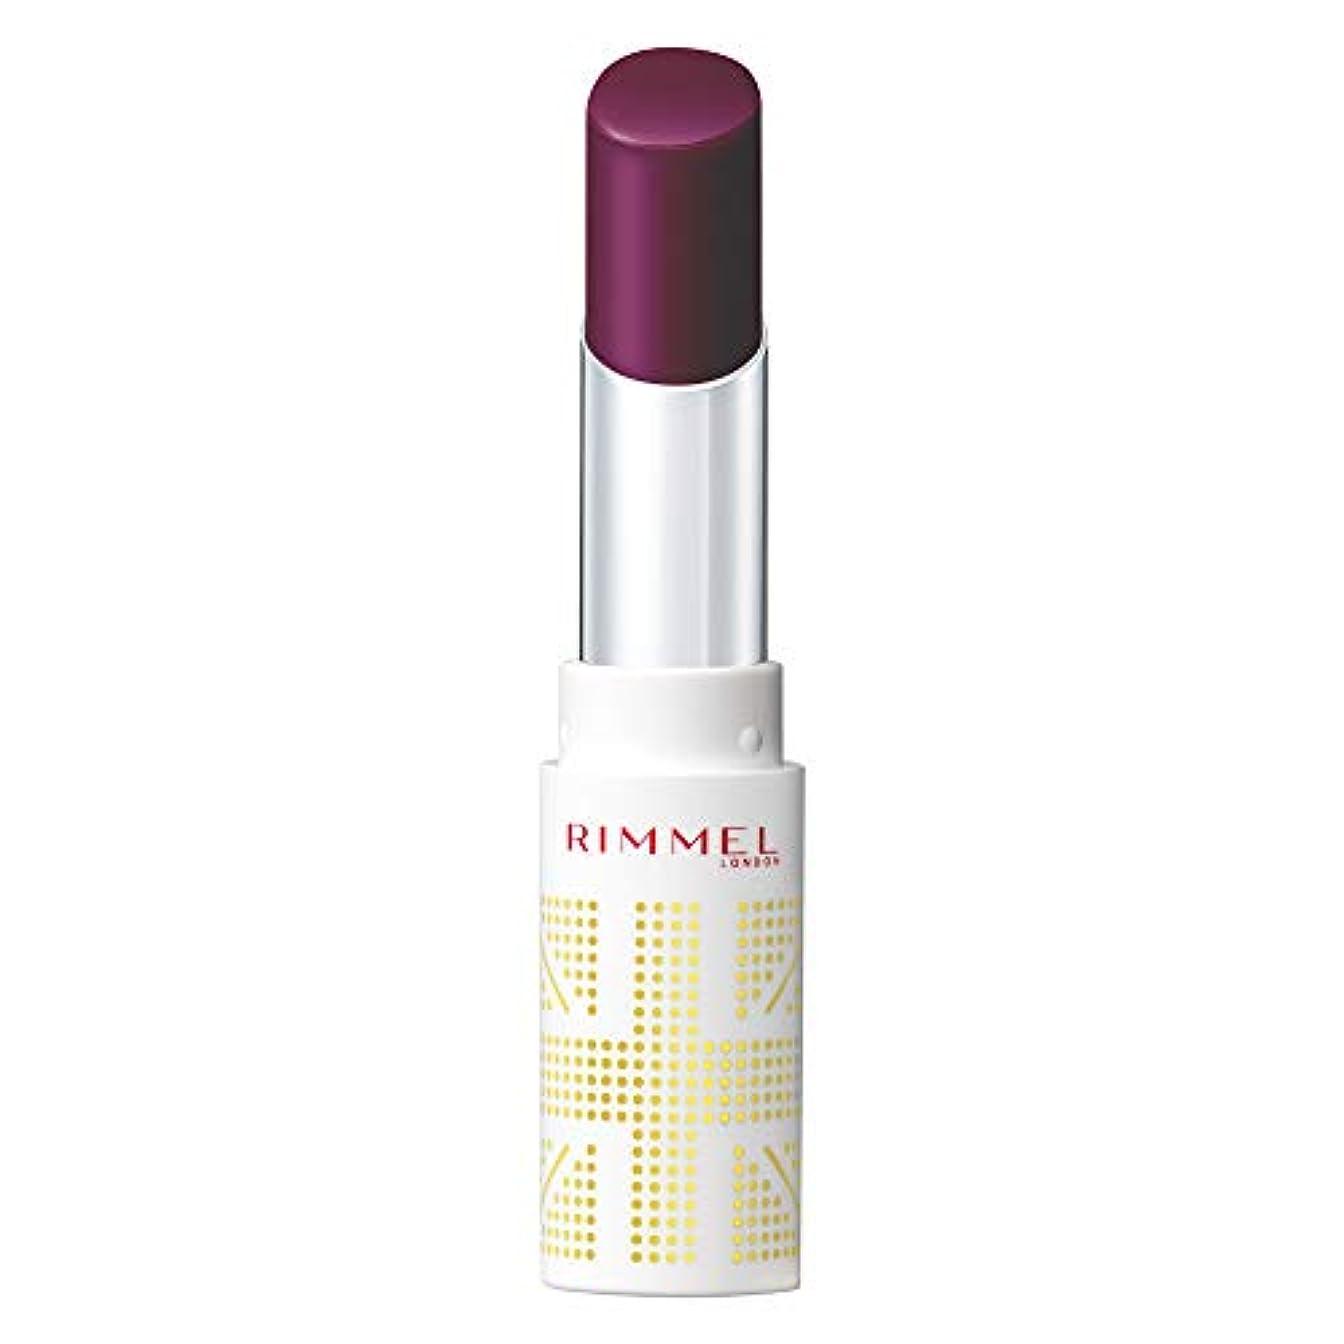 帽子食器棚のヒープRimmel (リンメル) リンメル ラスティングフィニッシュ オイルティントリップ 005 ダークパープル 3.8g 口紅